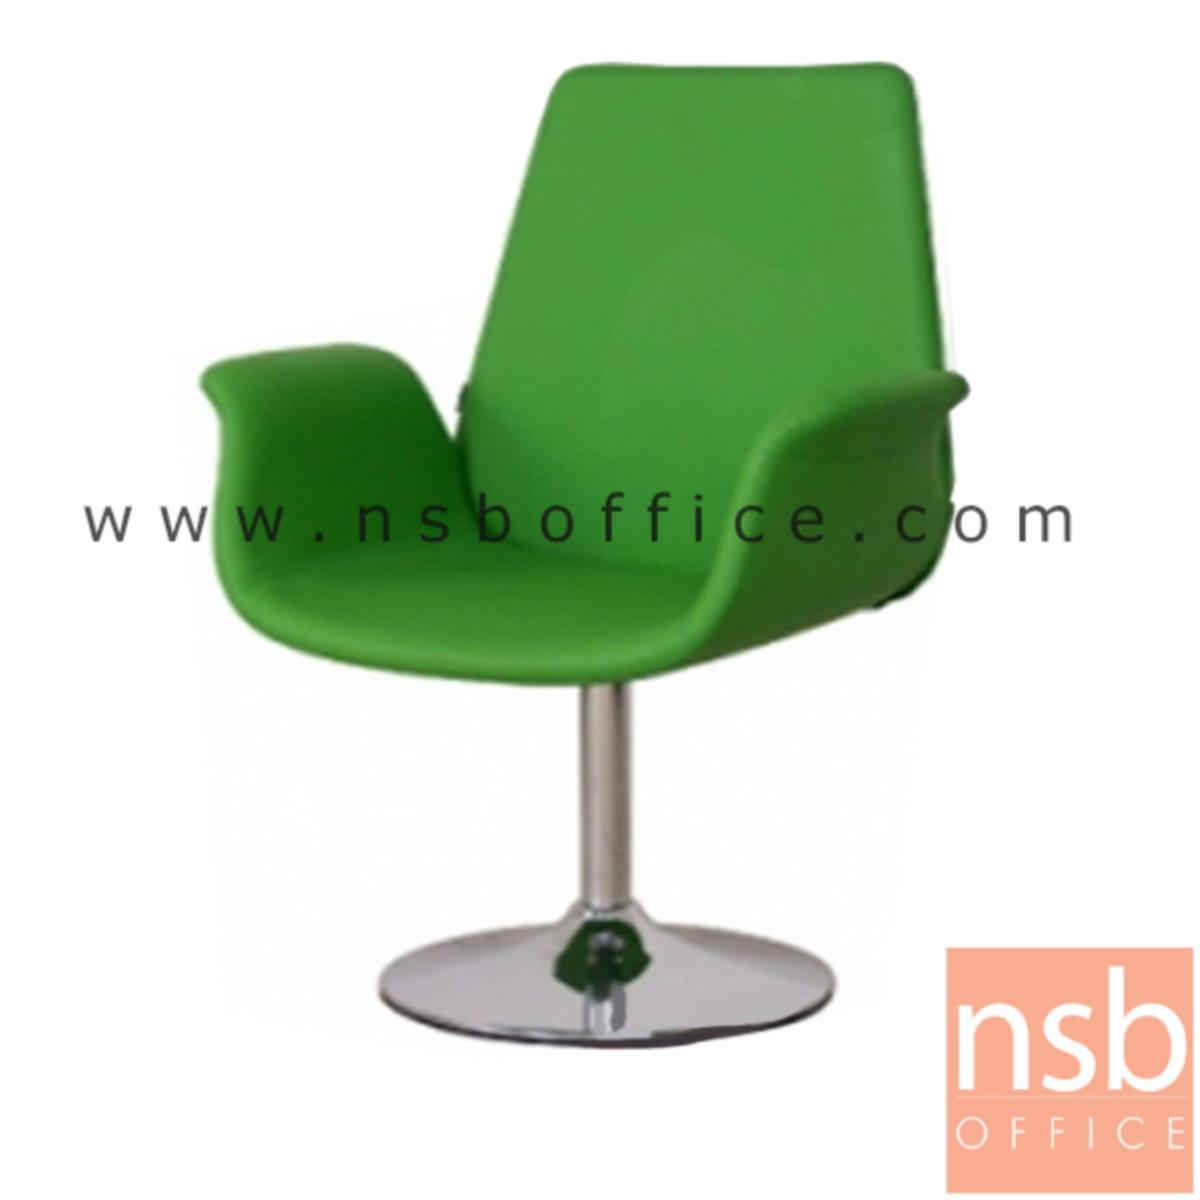 B29A227:เก้าอี้โมเดิร์นบาร์หนัง PU รุ่น MN-FANCY ขนาด 71W cm. ขาเหล็กจานกลม